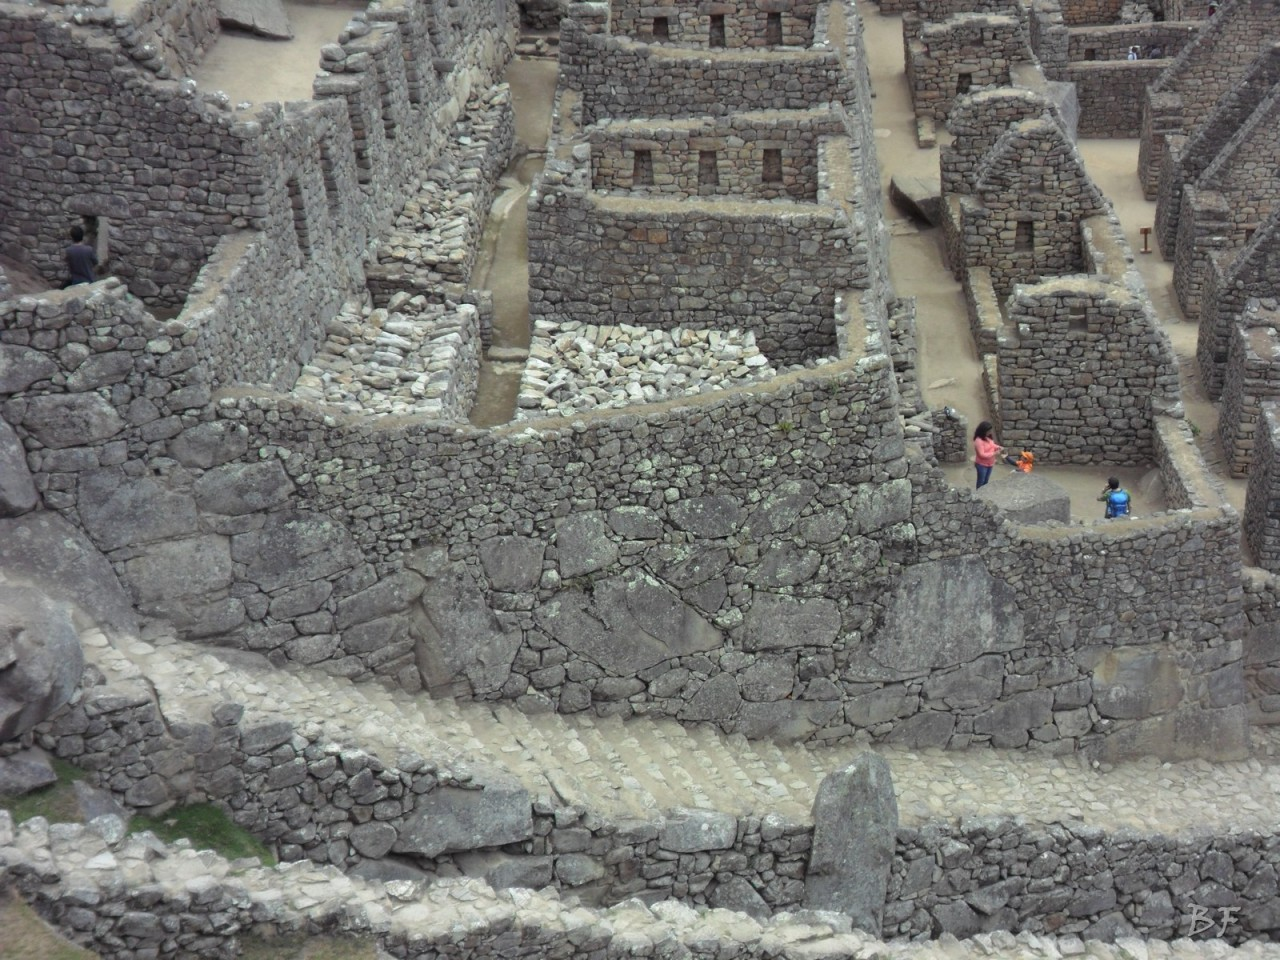 Mura-Poligonali-Incisioni-Altari-Edifici-Rupestri-Megaliti-Machu-Picchu-Aguas-Calientes-Urubamba-Cusco-Perù-75